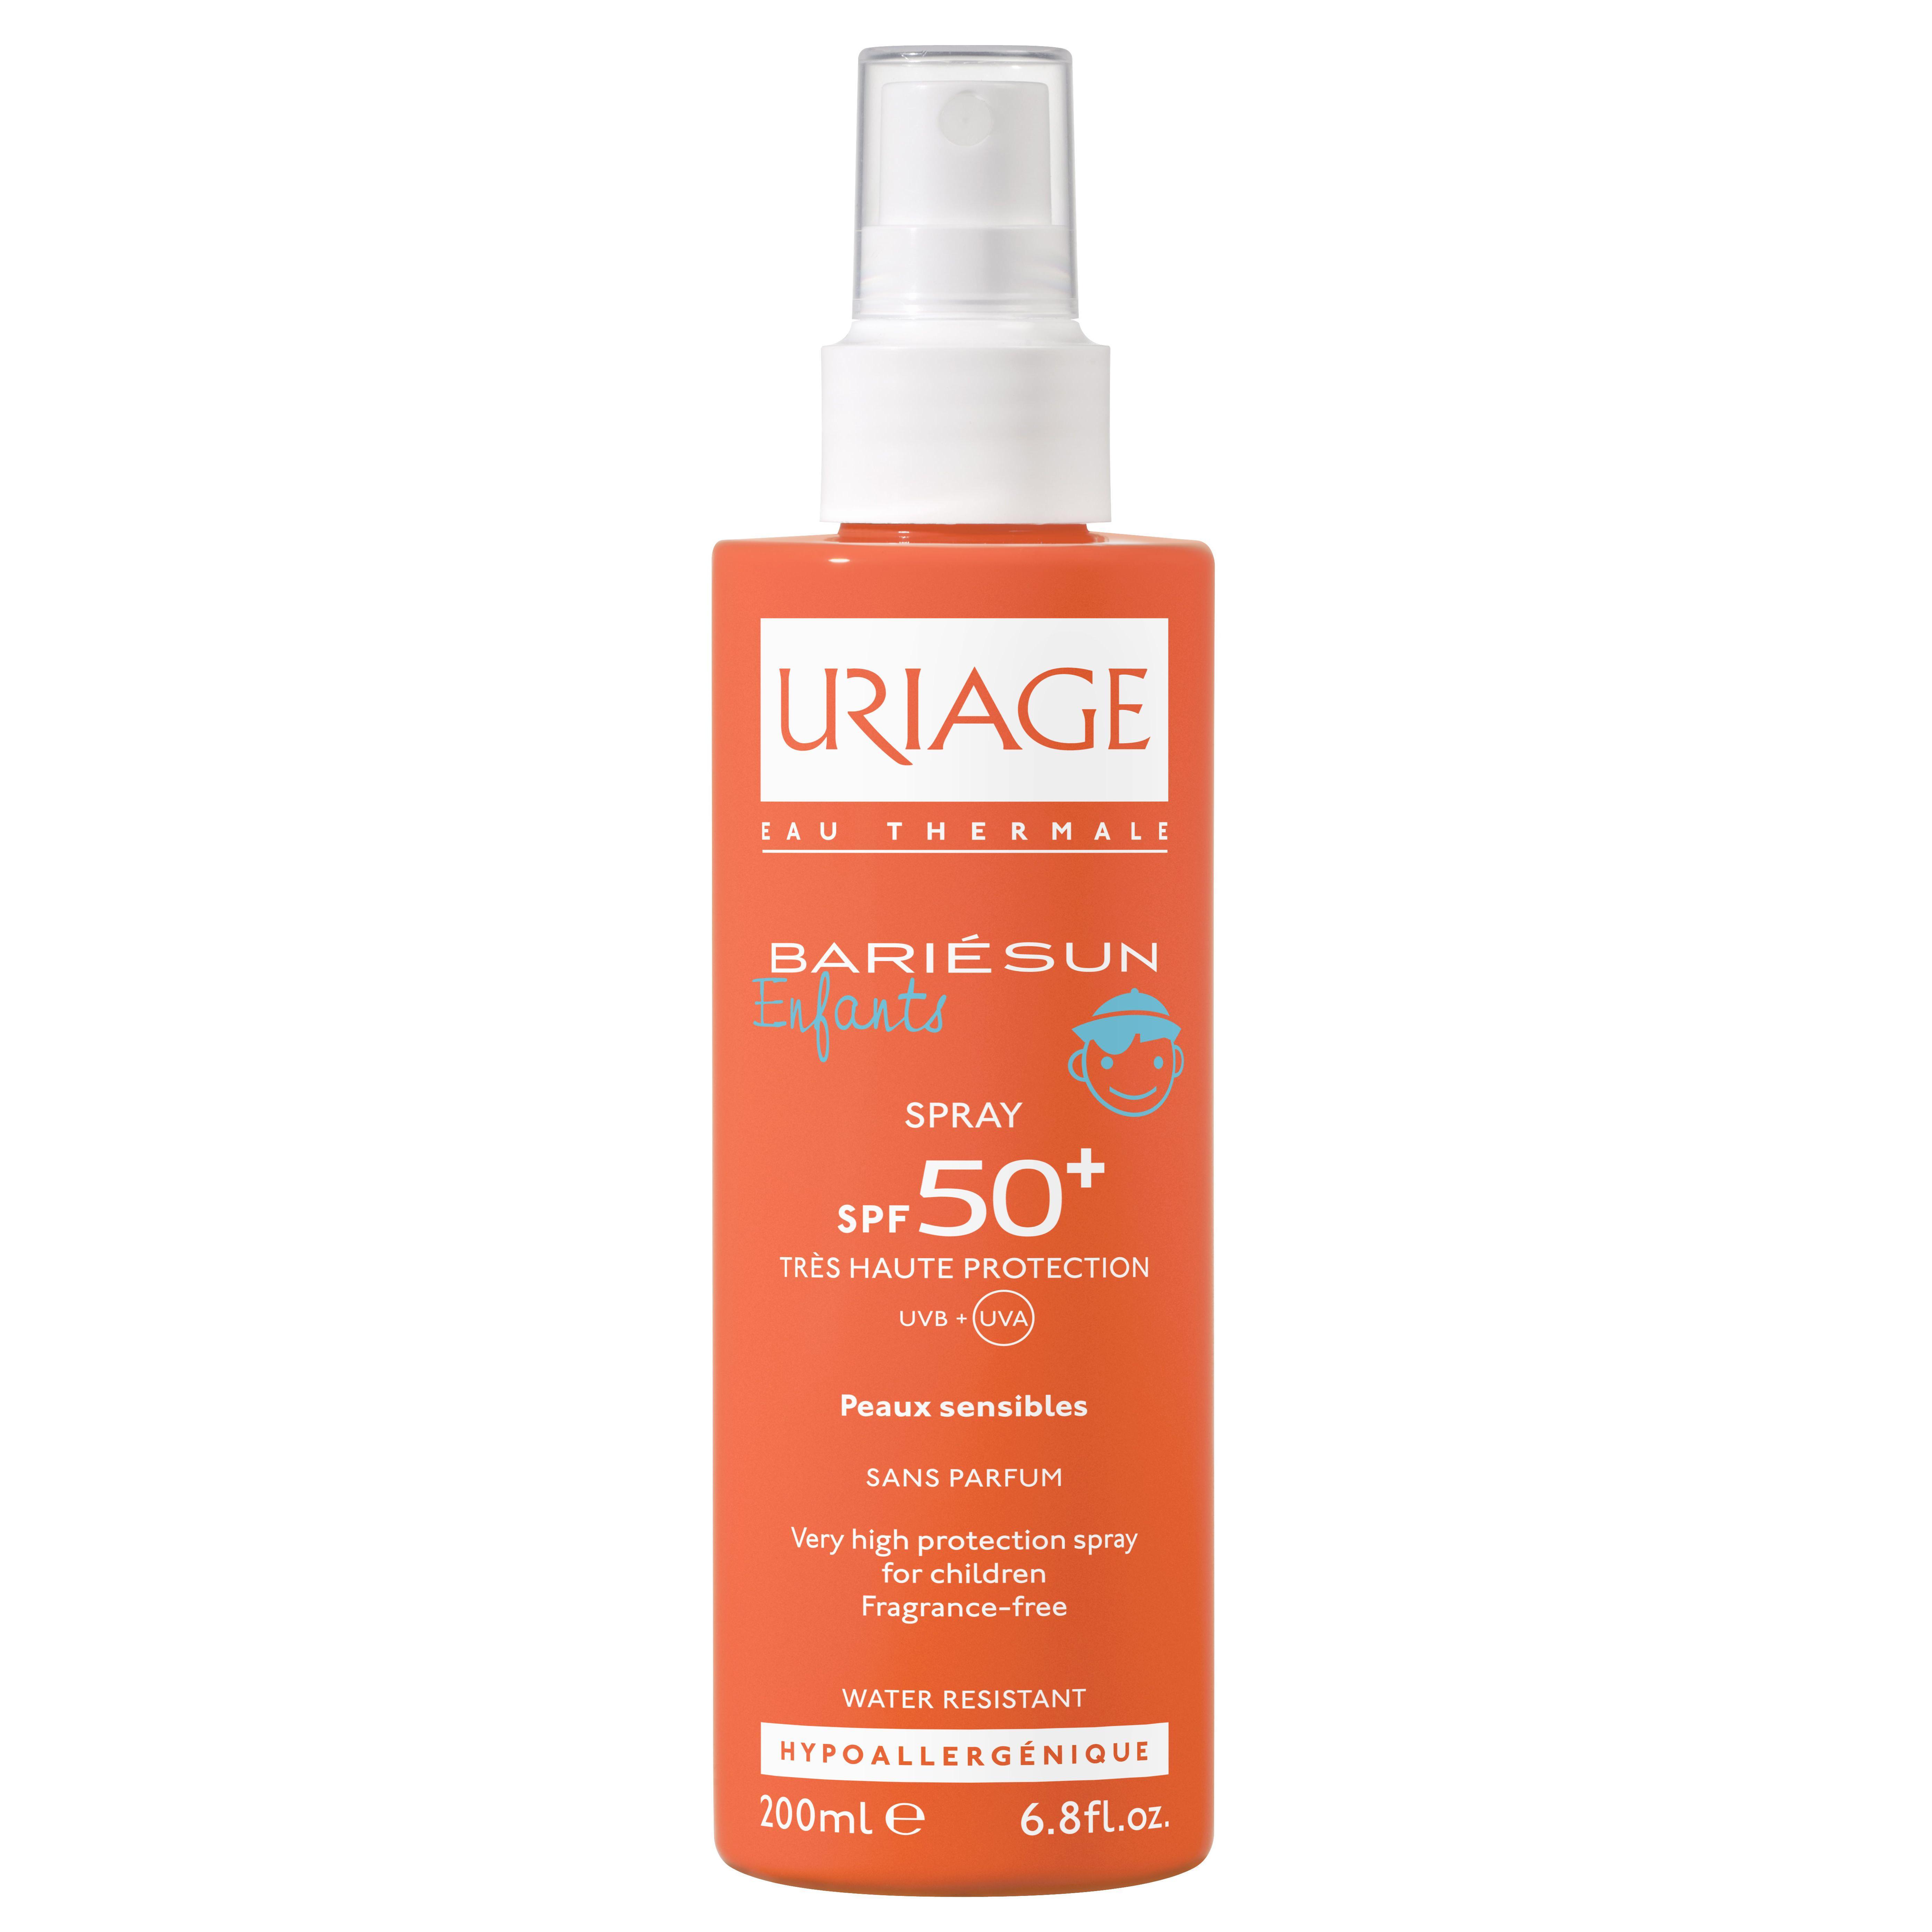 Image of Uriage Bariésun kind SPF50+